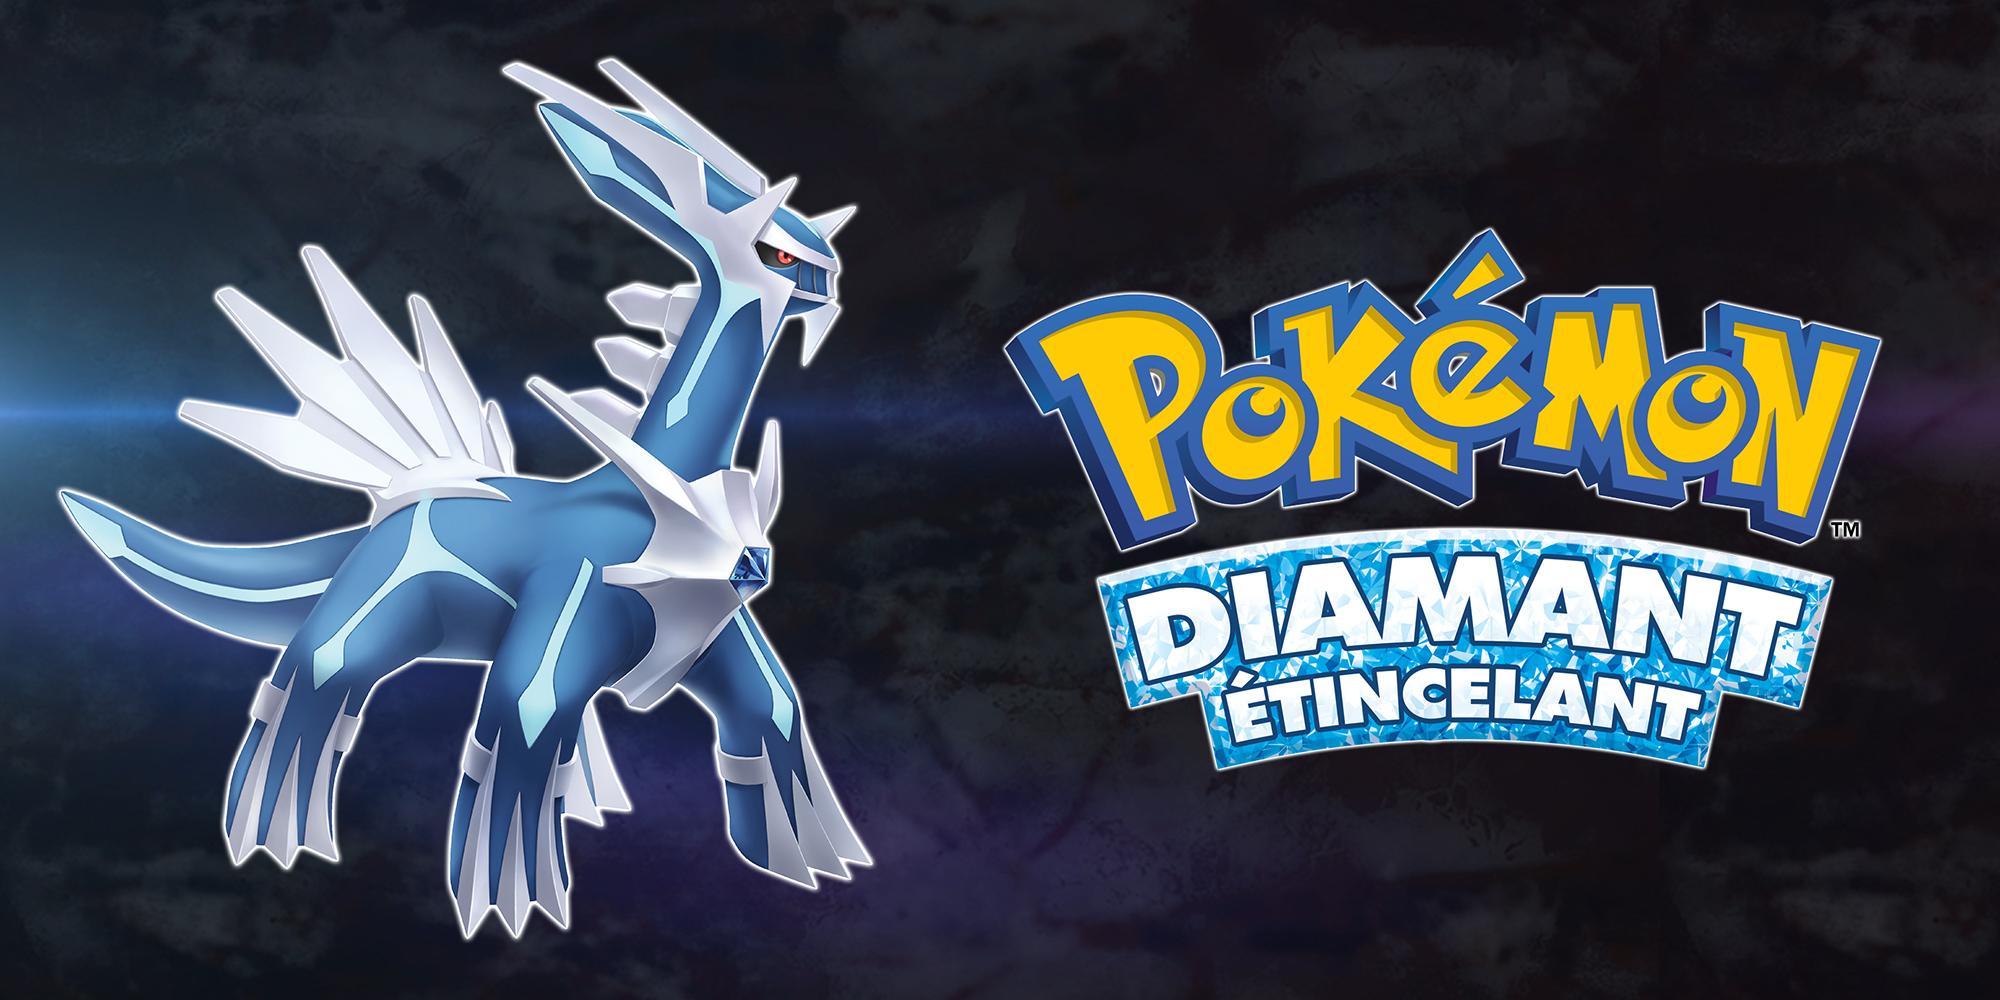 Pokémon Diamant Étincelant sur jdrpg.fr